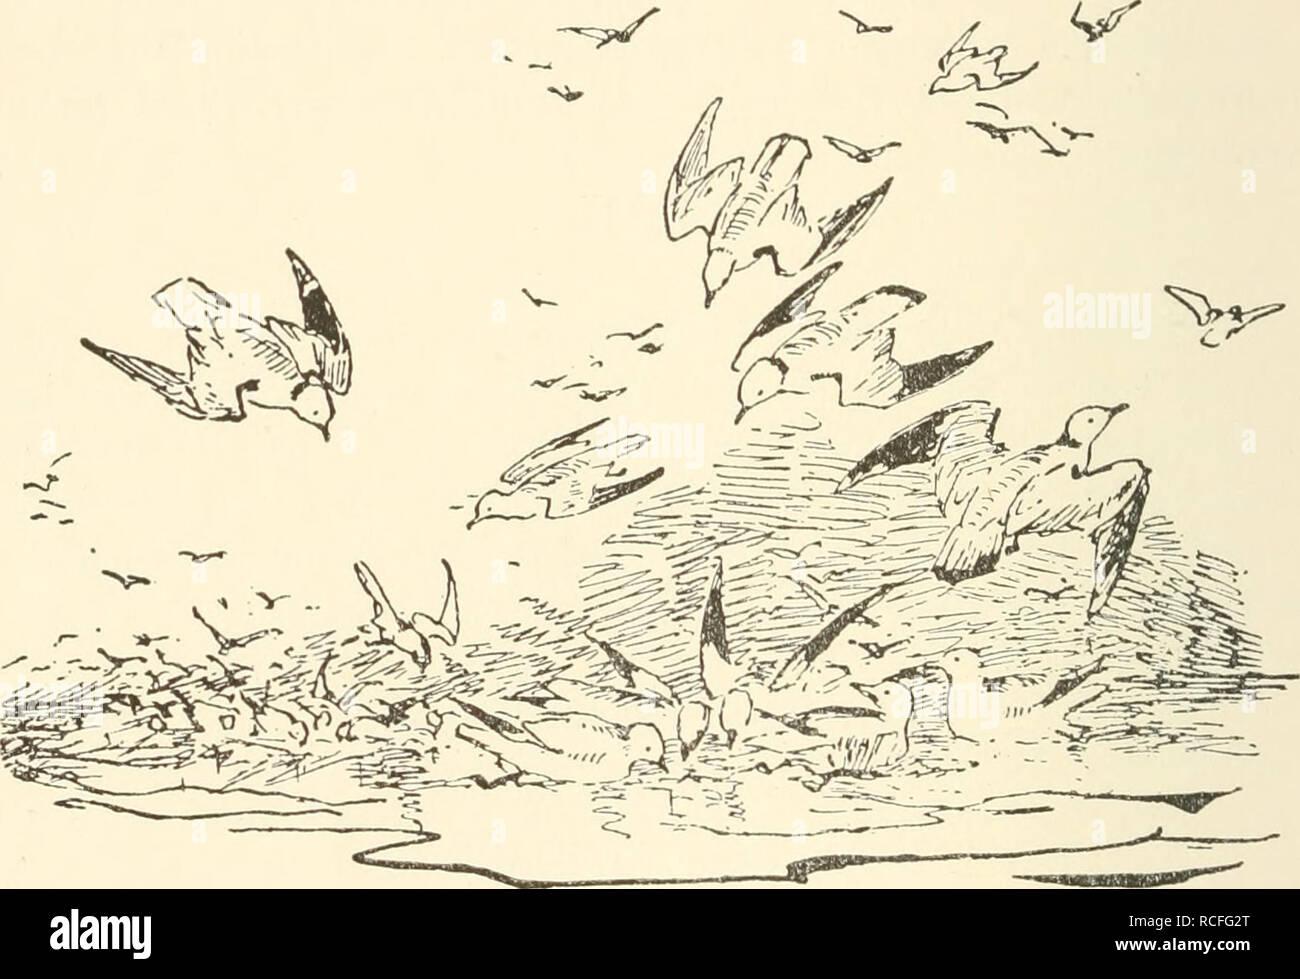 . Die Vogelwarte Helgoland. Birds -- Germany Helgoland; Birds -- Migration. 468 Wiedehopf. doch stets nur in sehr wenigen Stücken hier vorkommen; von Mitte April bis Mitte Mai werden höchstens sechs bis acht dieser Vögel gesehen, meist weniger, und im Herbst manchmal ein oder zwei, es verstreichen jedoch oft mehrere Jahre, ohne dass auch nur letzteres geschähe. Als Brutvogel ist der Wiedehopf verbreitet vom westlichen Europa an durch ganz Asien bis Japan. Nördlich nistet diese Art höchstens bis in das südliche Schweden, dennoch aber ward wunder- barer Weise im Jahre 1868 ein Exemplar auf Spitz Stock Photo